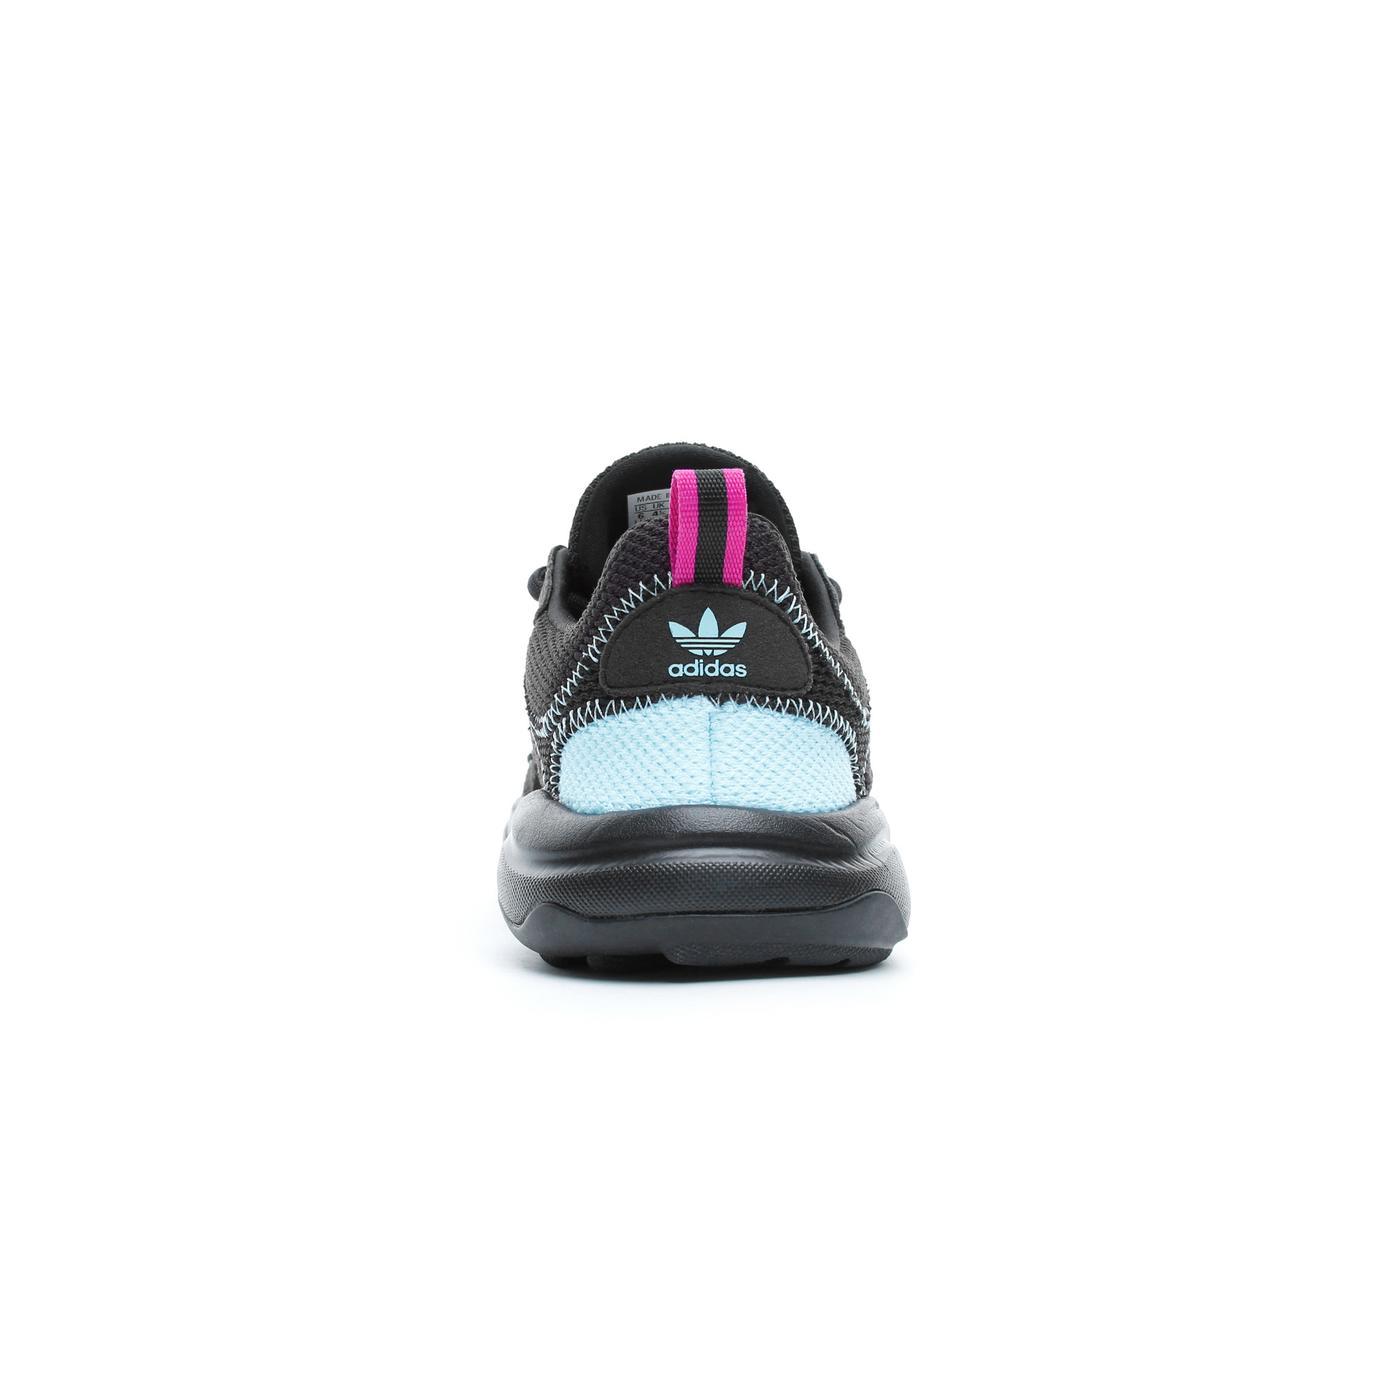 adidas Haiwee Kadın Siyah Spor Ayakkabı